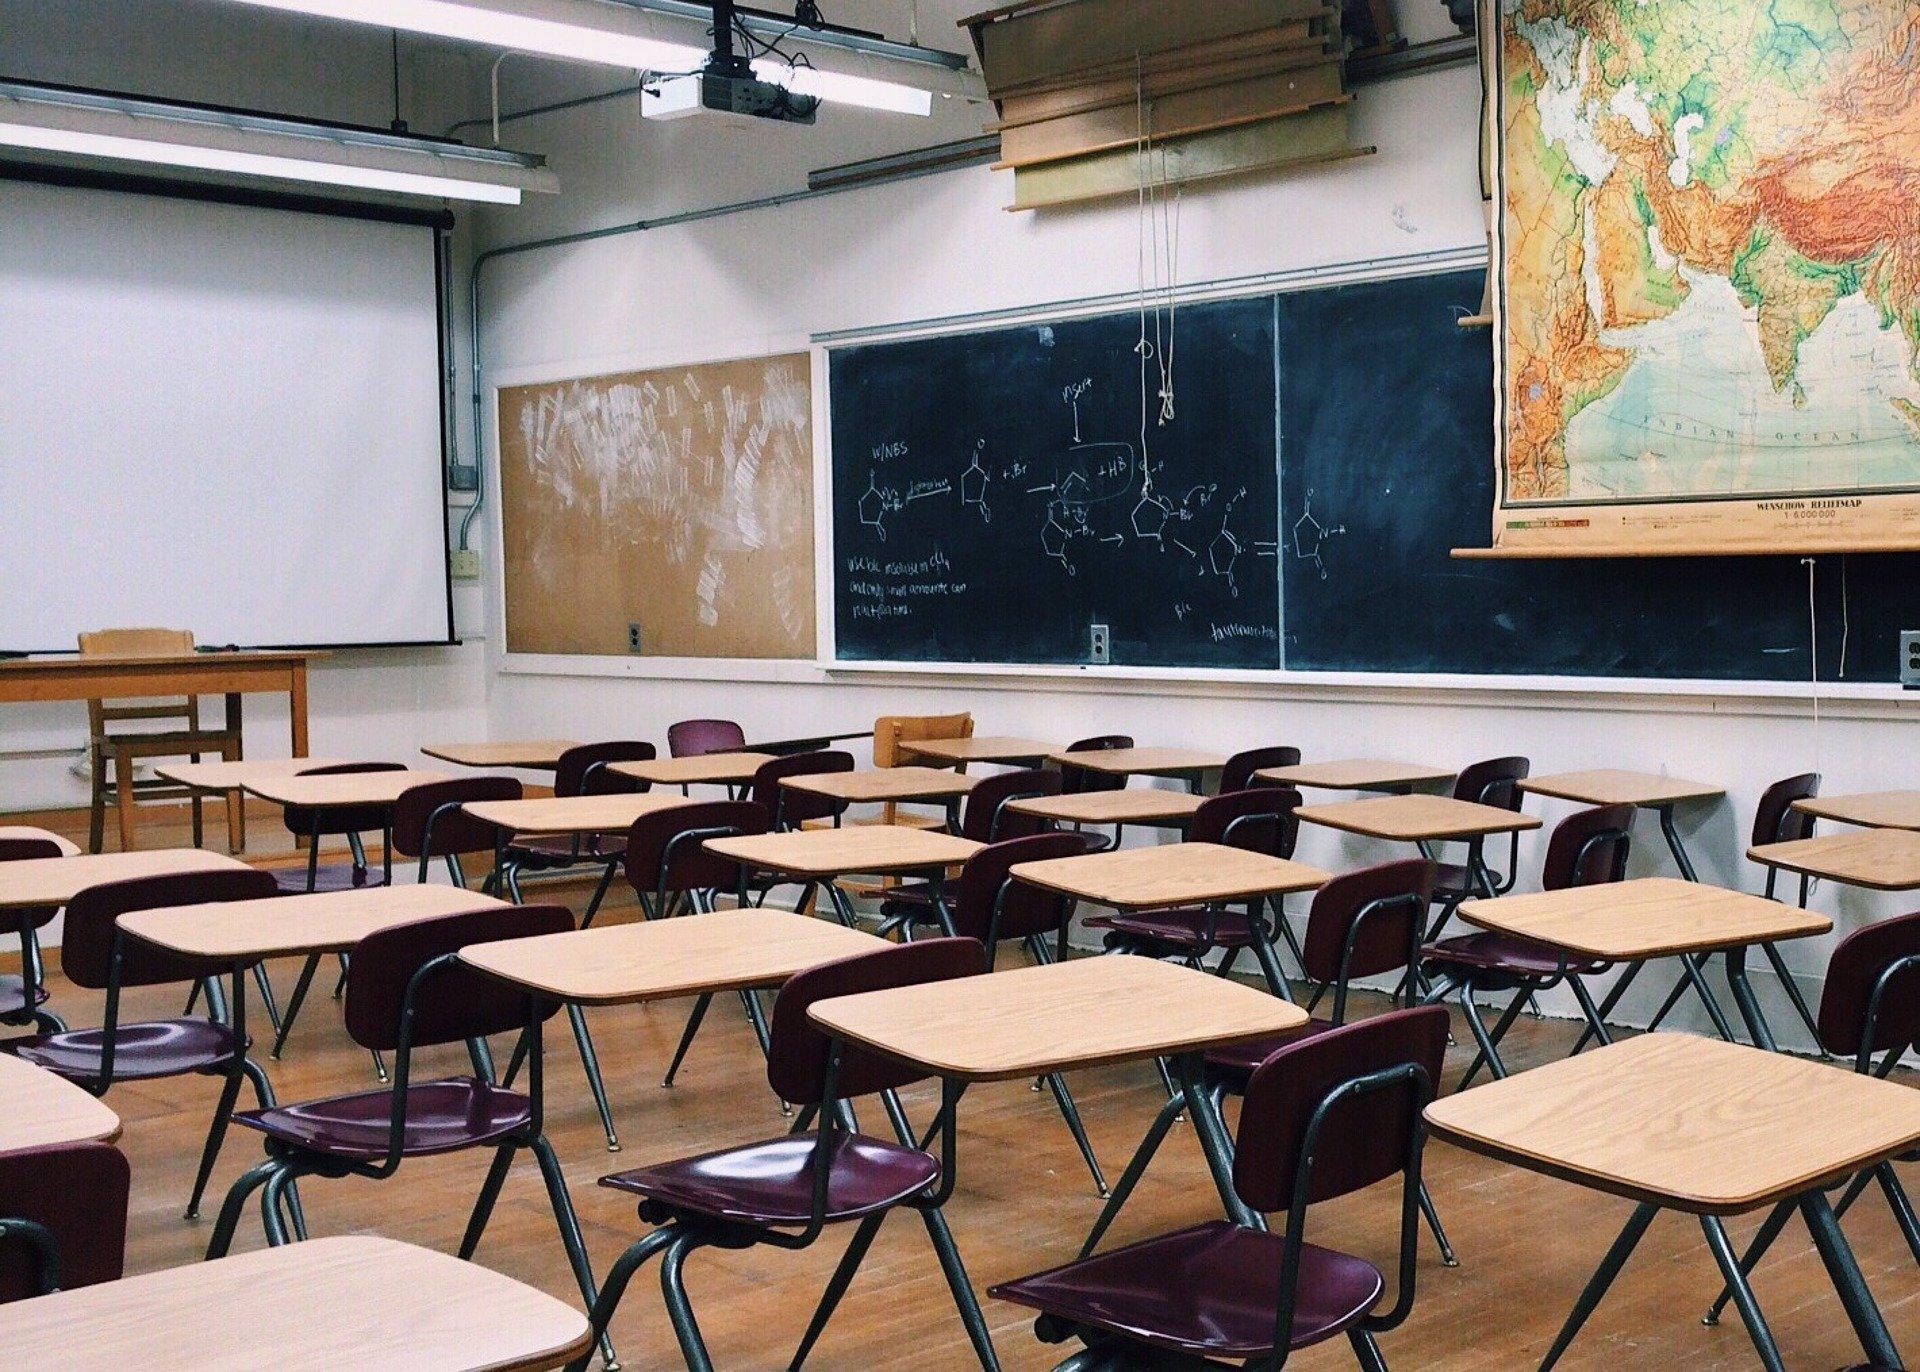 Hrozí zavření škol? Nejsou na to připravené, žákům chybí internet i počítače